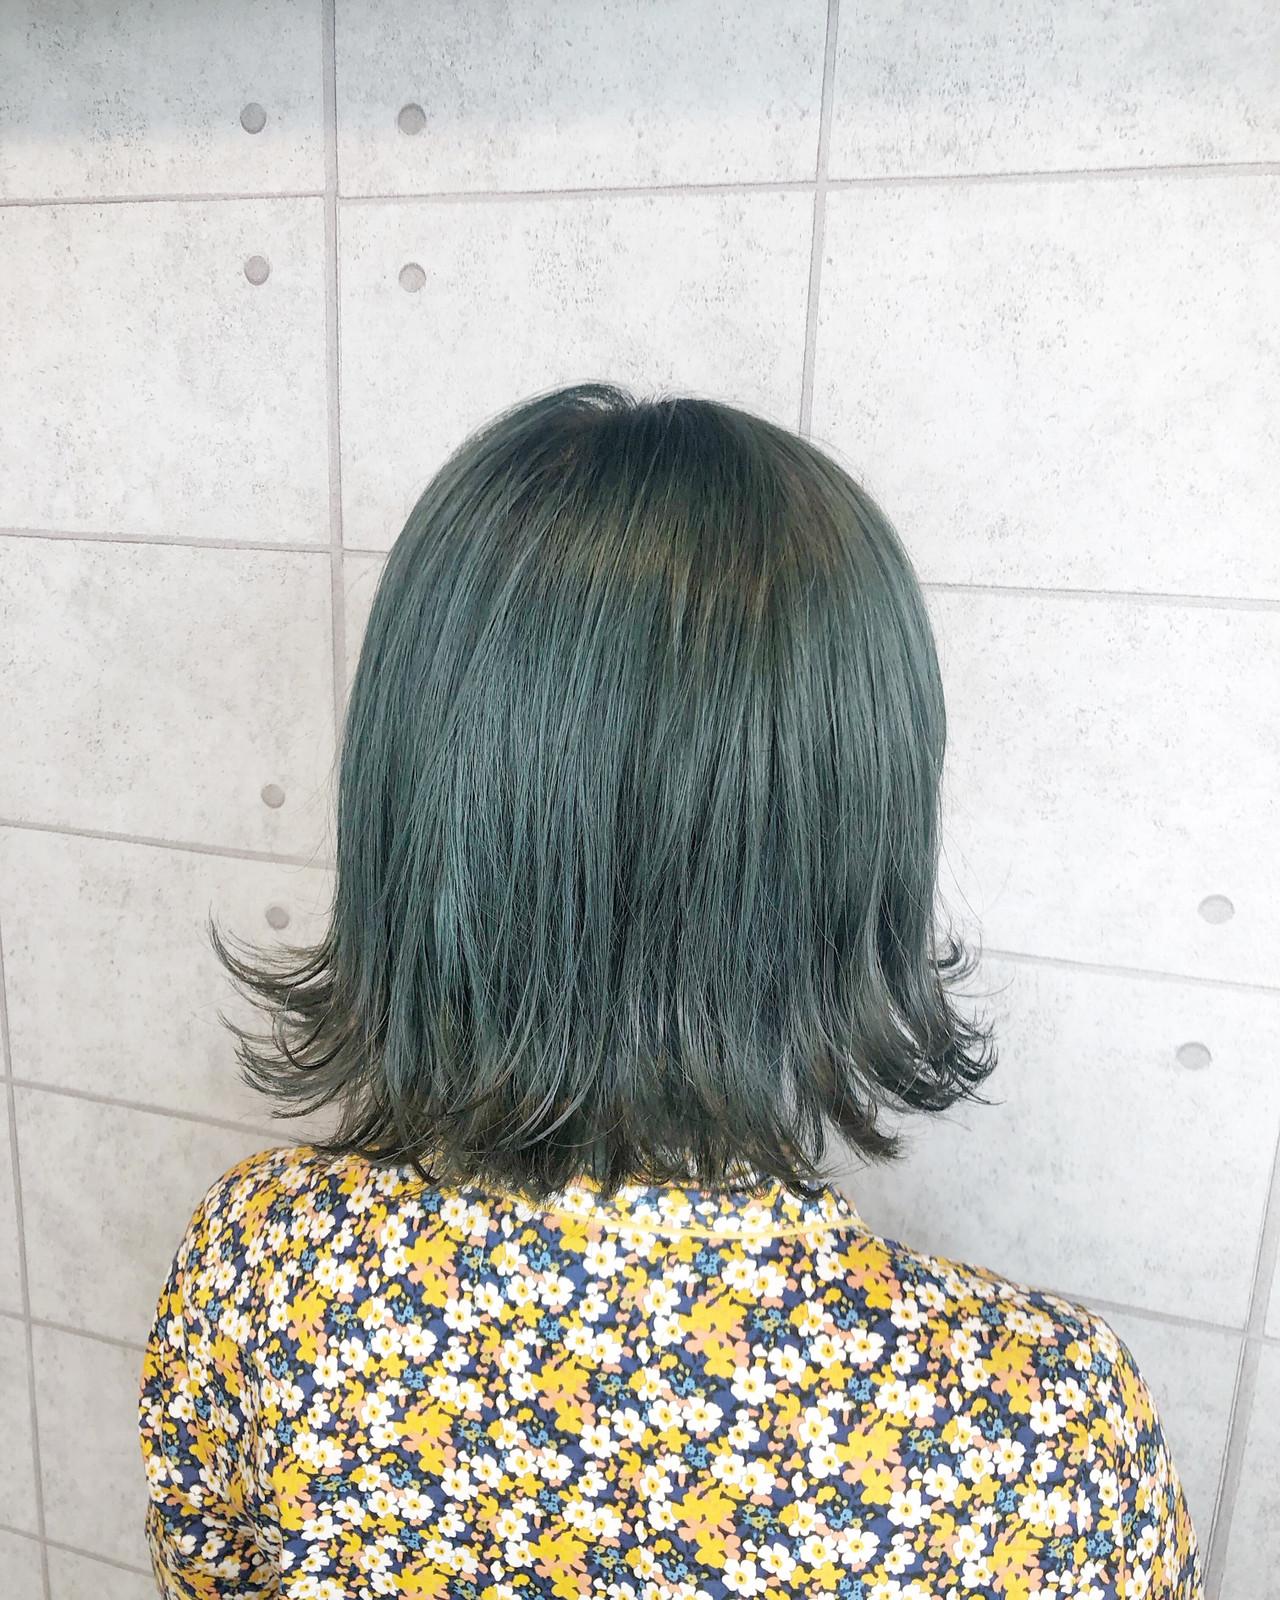 イルミナカラー モード 外ハネボブ クリーミーカラー ヘアスタイルや髪型の写真・画像